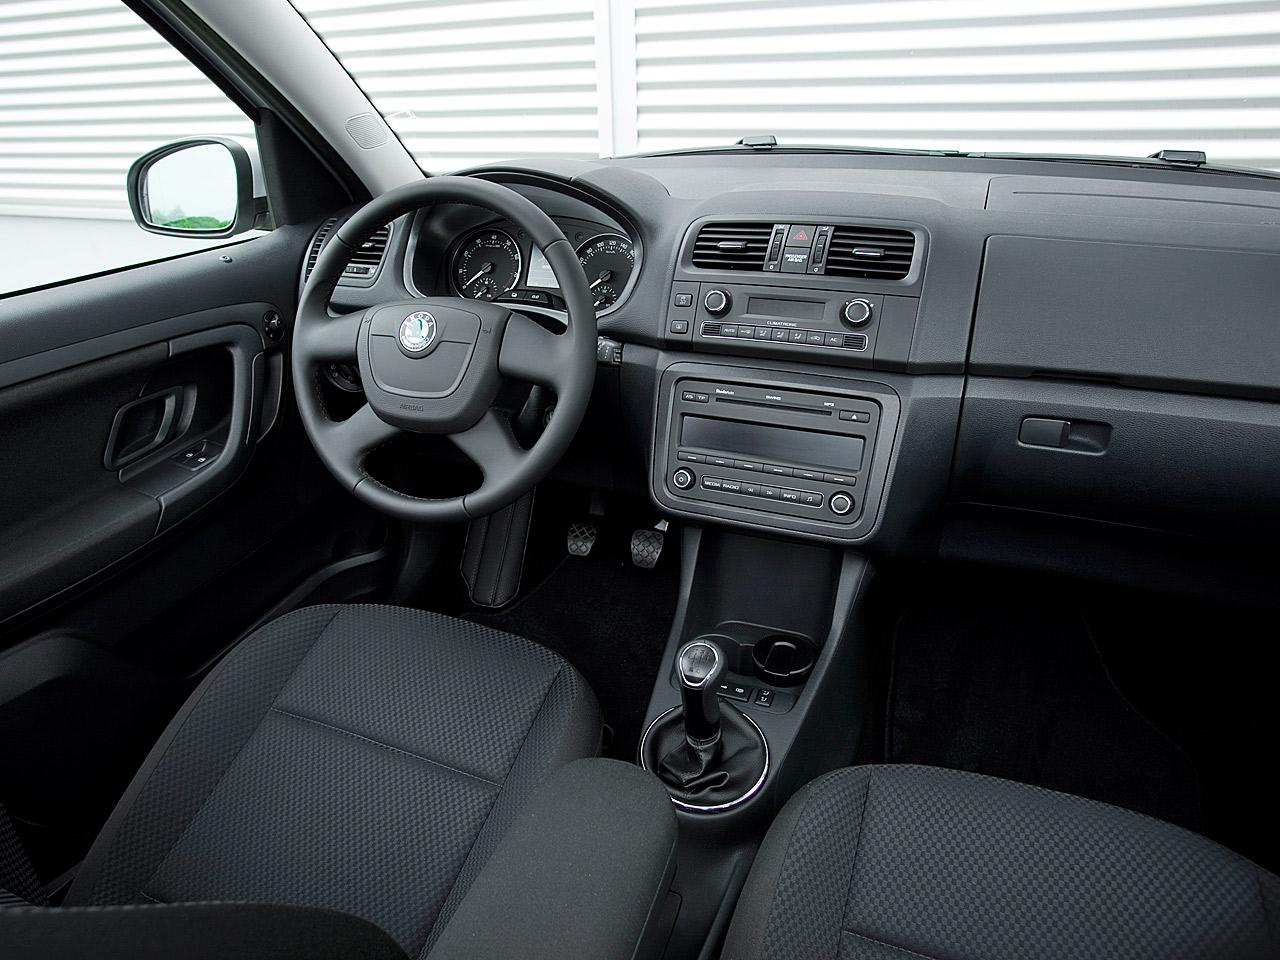 Skoda Roomster Gebrauchtwagen Kaufen Autozeitungde